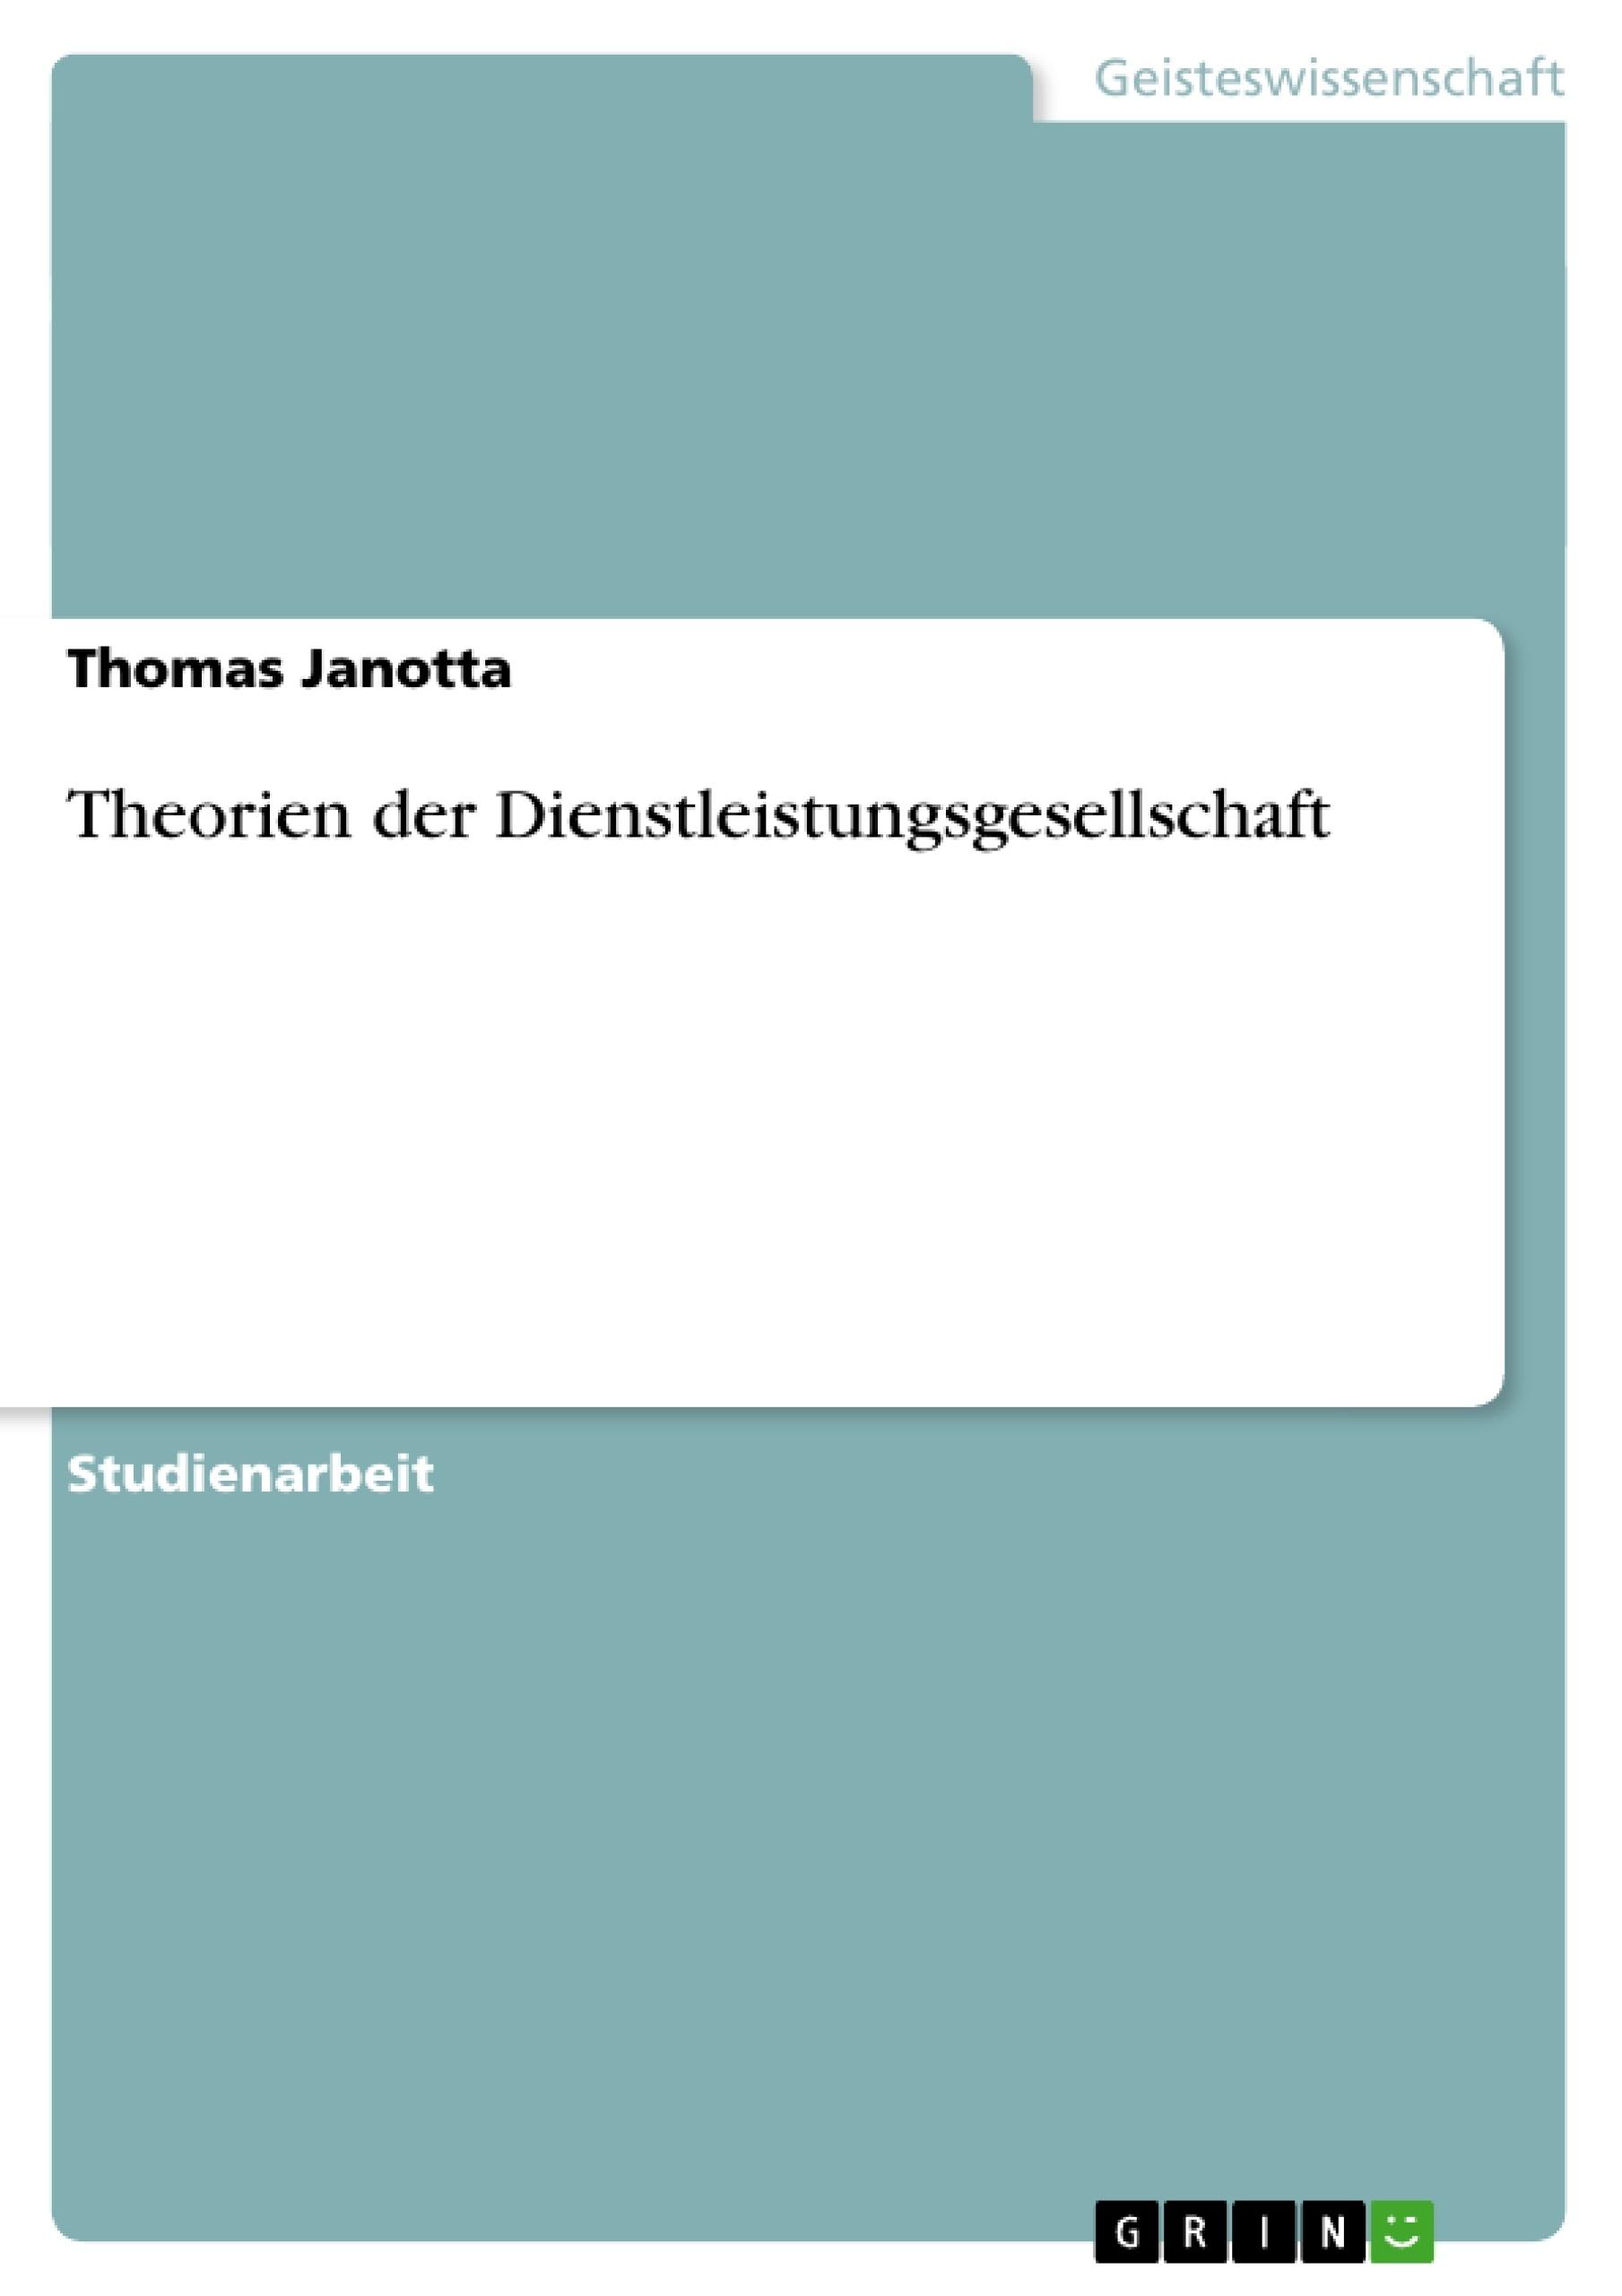 Titel: Theorien der Dienstleistungsgesellschaft